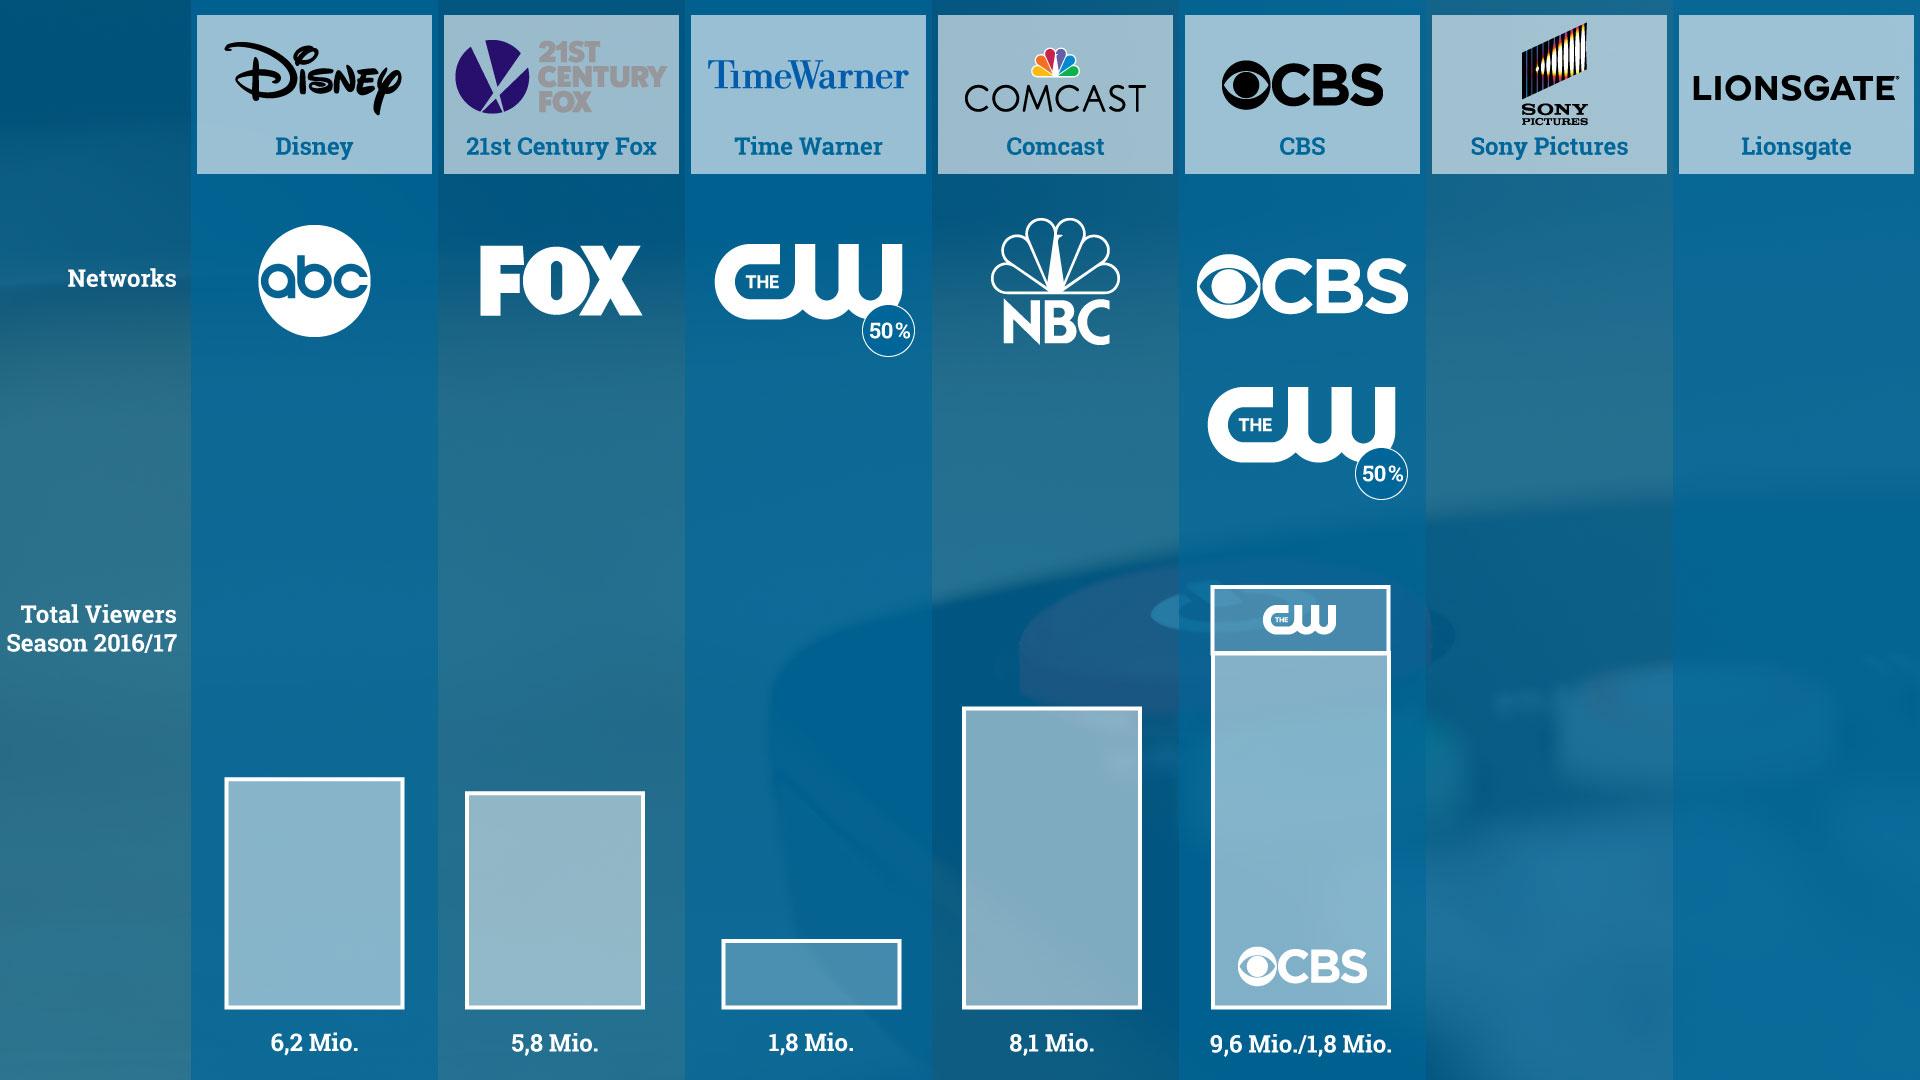 Die fünf großen Networks sind fest in den Händen der fünf großen Filmstudios. The CW ist ein Joint-Venture zwischen CBS und Warner und ist hier doppelt ausgewiesen.